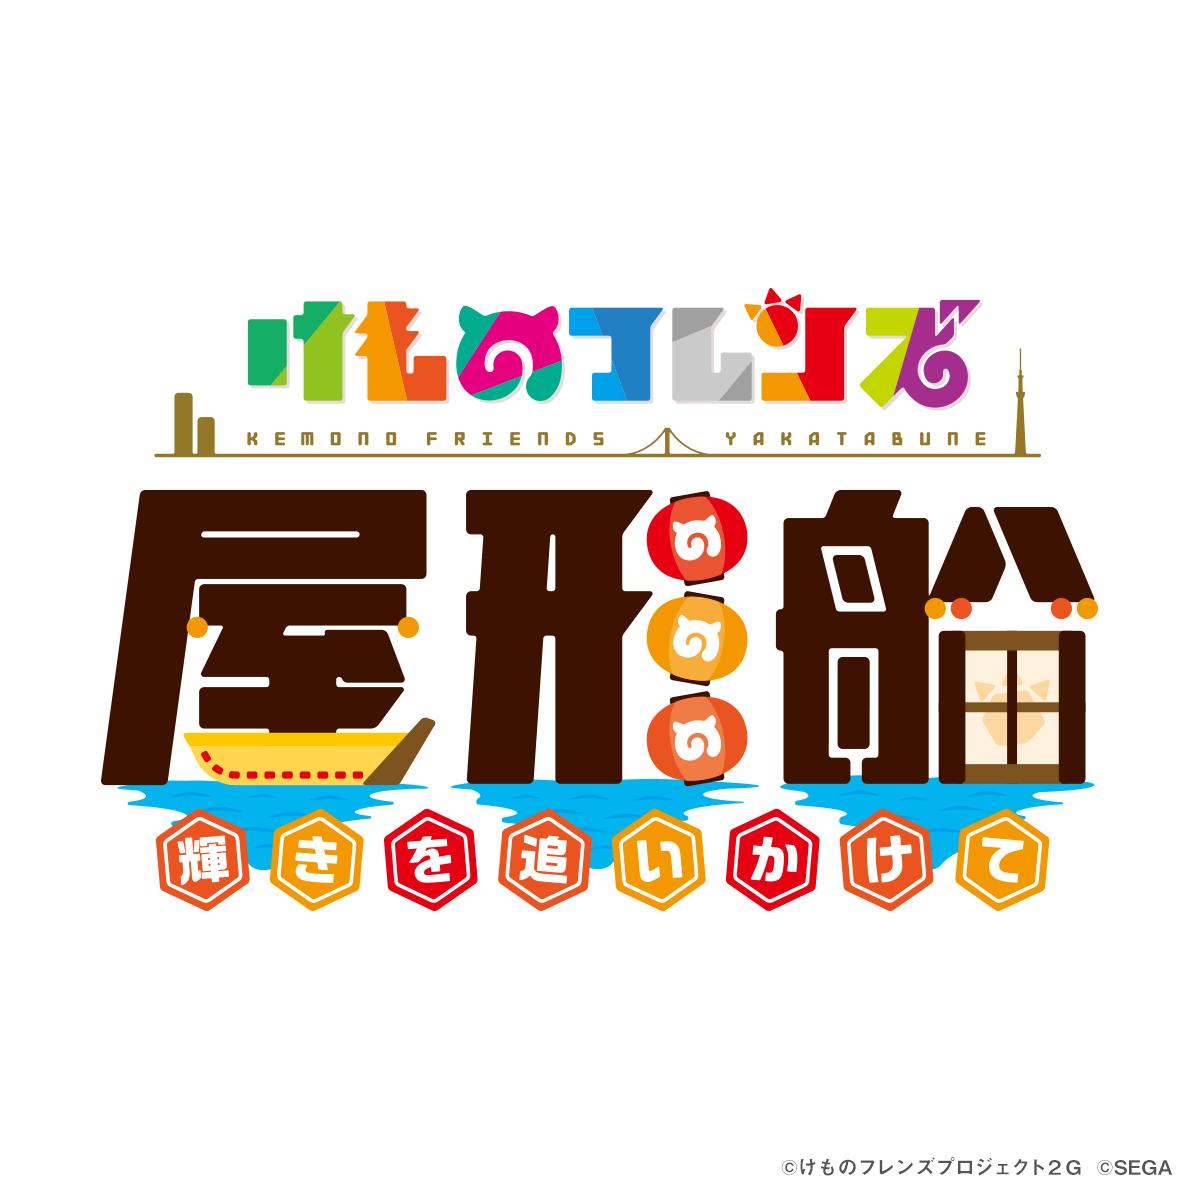 『けものフレンズ屋形船』コラボロゴ (C)けものフレンズプロジェクト2G (C)SEGA